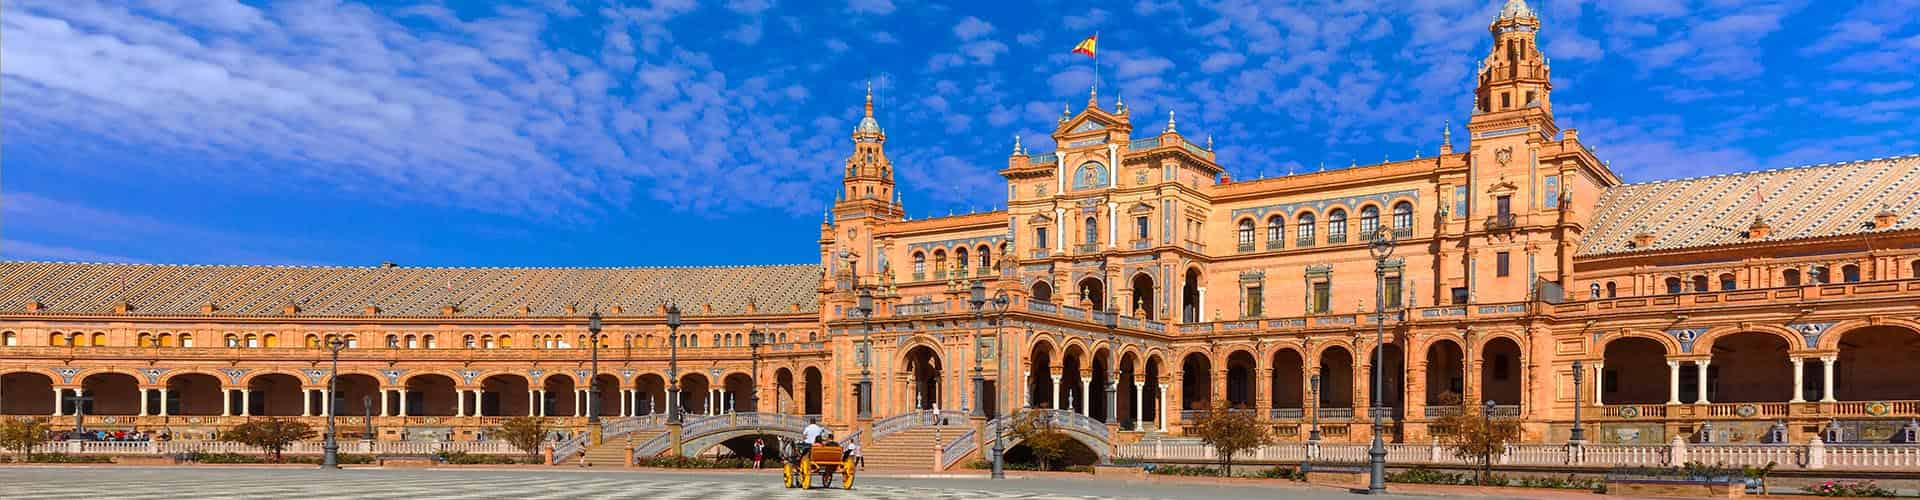 Free Tour Sevilla - Turismo en España